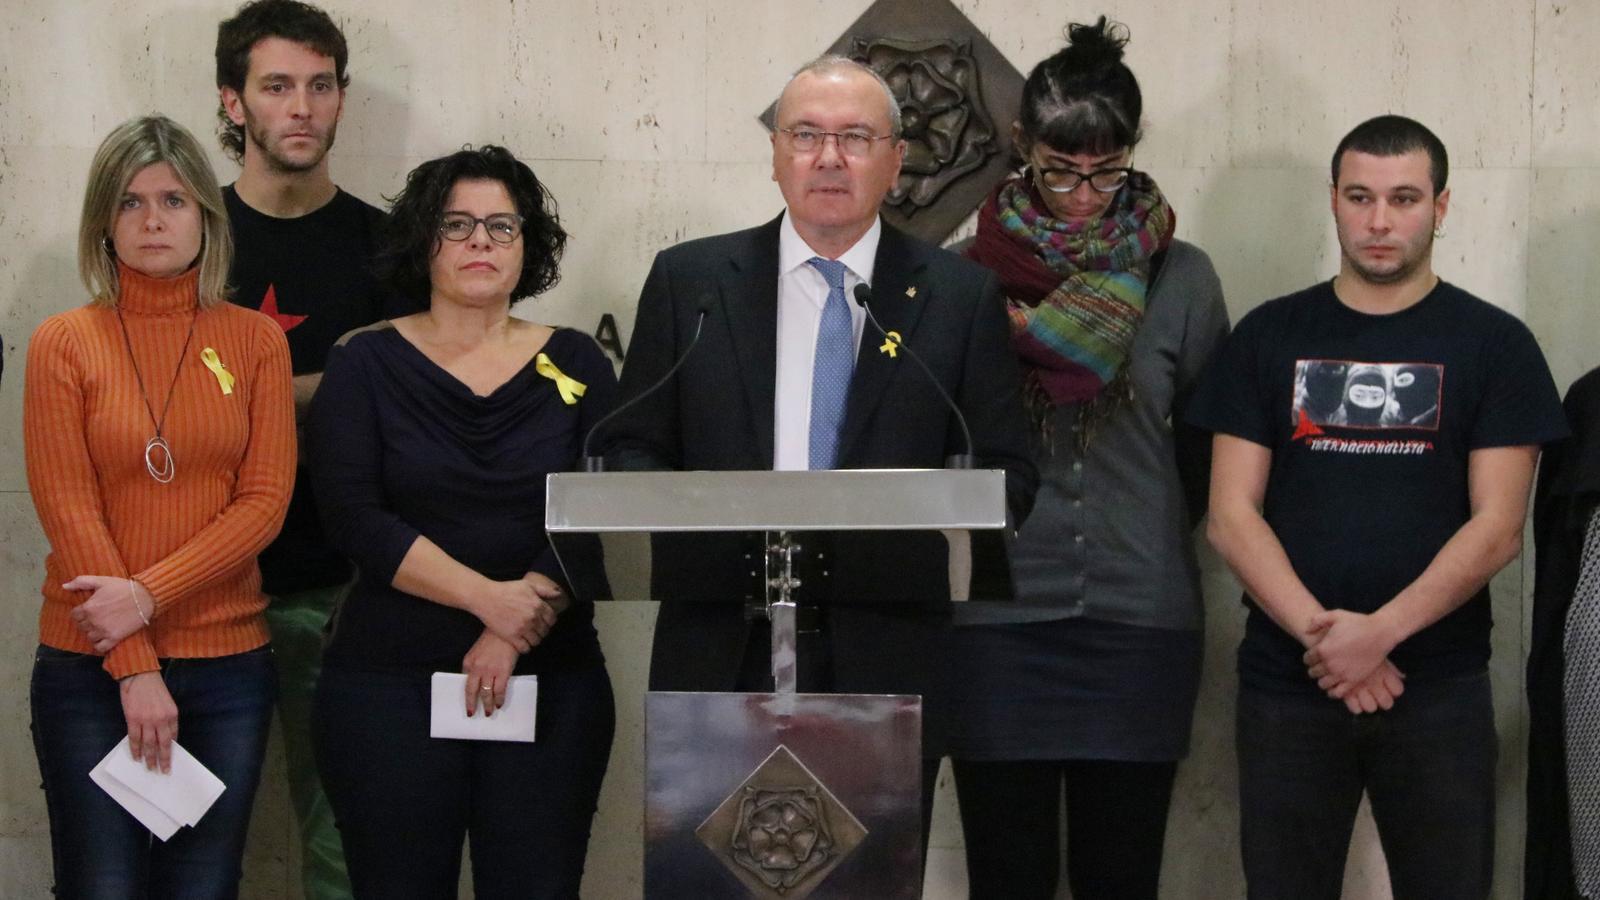 Un jutjat de Reus investiga l'alcalde, sis regidors, bombers i veïns per les mostres de rebuig a la Policia Nacional